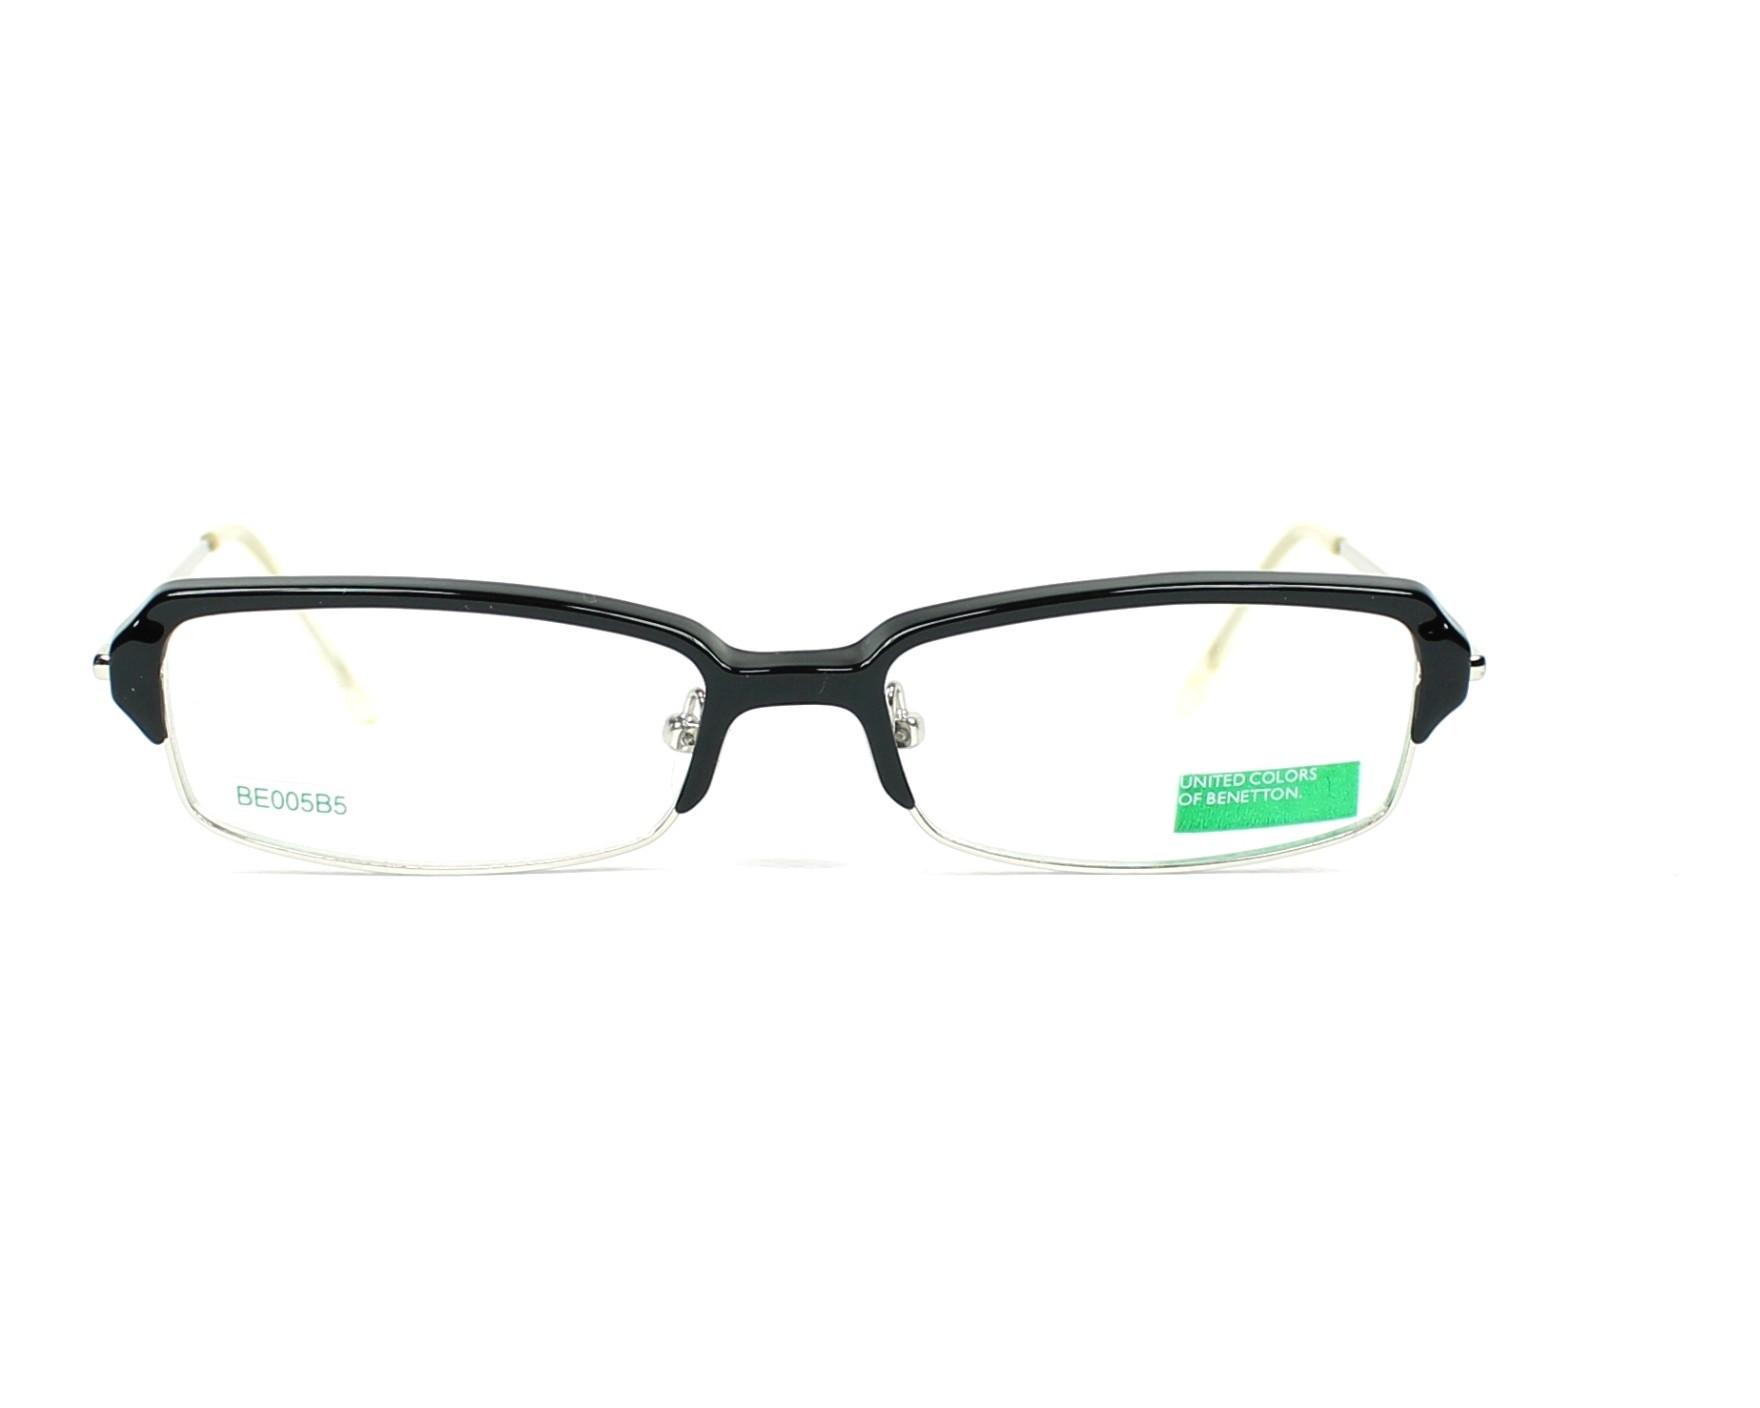 1a839075a0 Gafas Graduadas Benetton BE-005 B5 51-15 Negra Plata